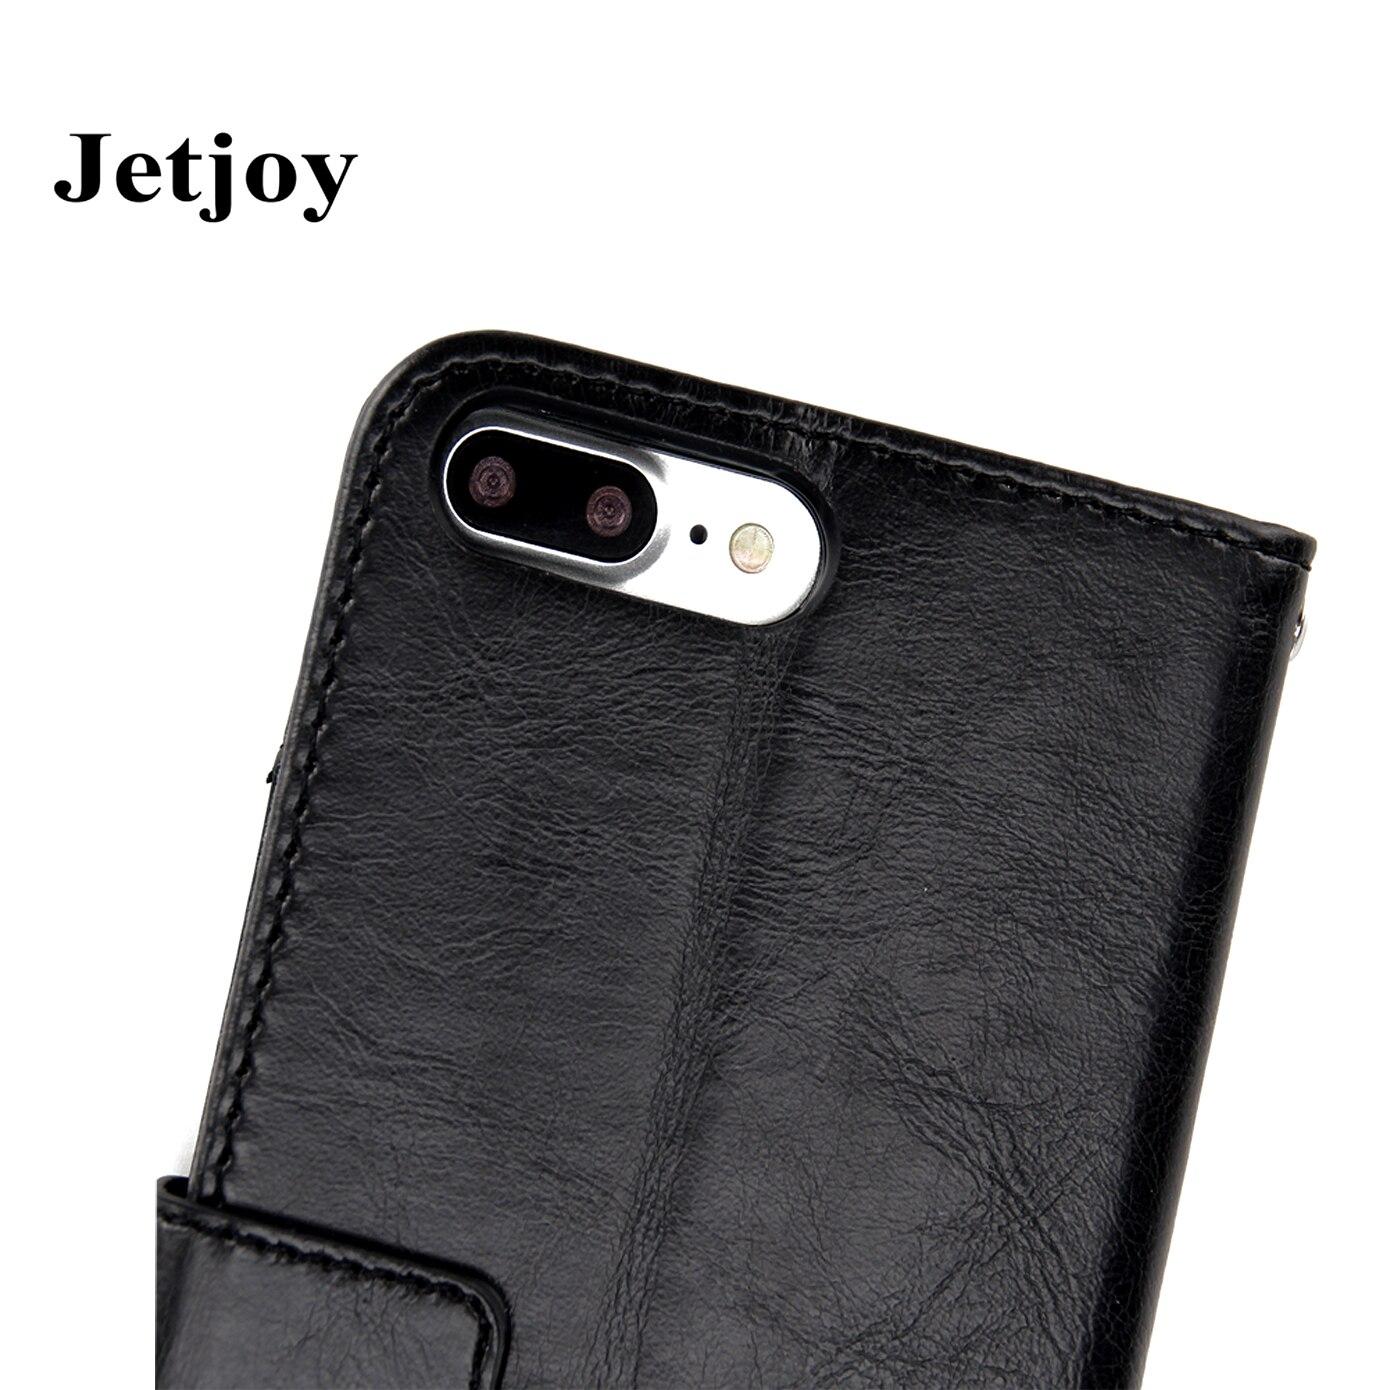 Jetjoy 360 градусов Полная защита царапинам полное покрытие телефон сумка для Apple iPhone 7 чехол бумажник чехол fundas Coque